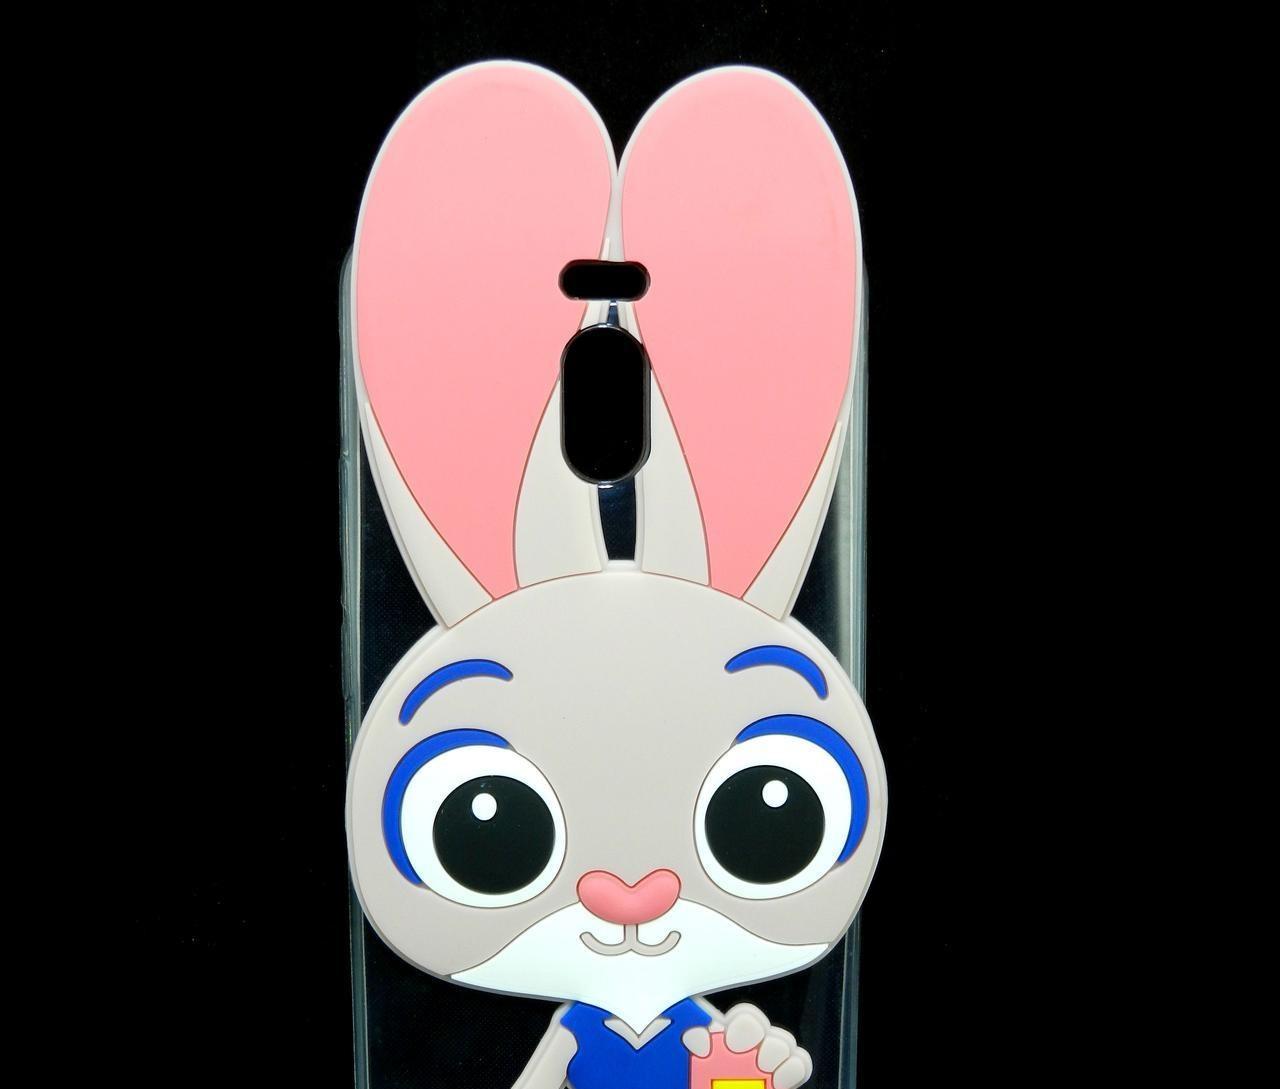 bcf6433aa5ef Meizu M6 Note Чехол-Накладка Зверополис Rabbit (Материал: Силикон; Большой  Заяц С Розовыми Ушками), цена 84 грн., купить в Хмельницком — Prom.ua ...